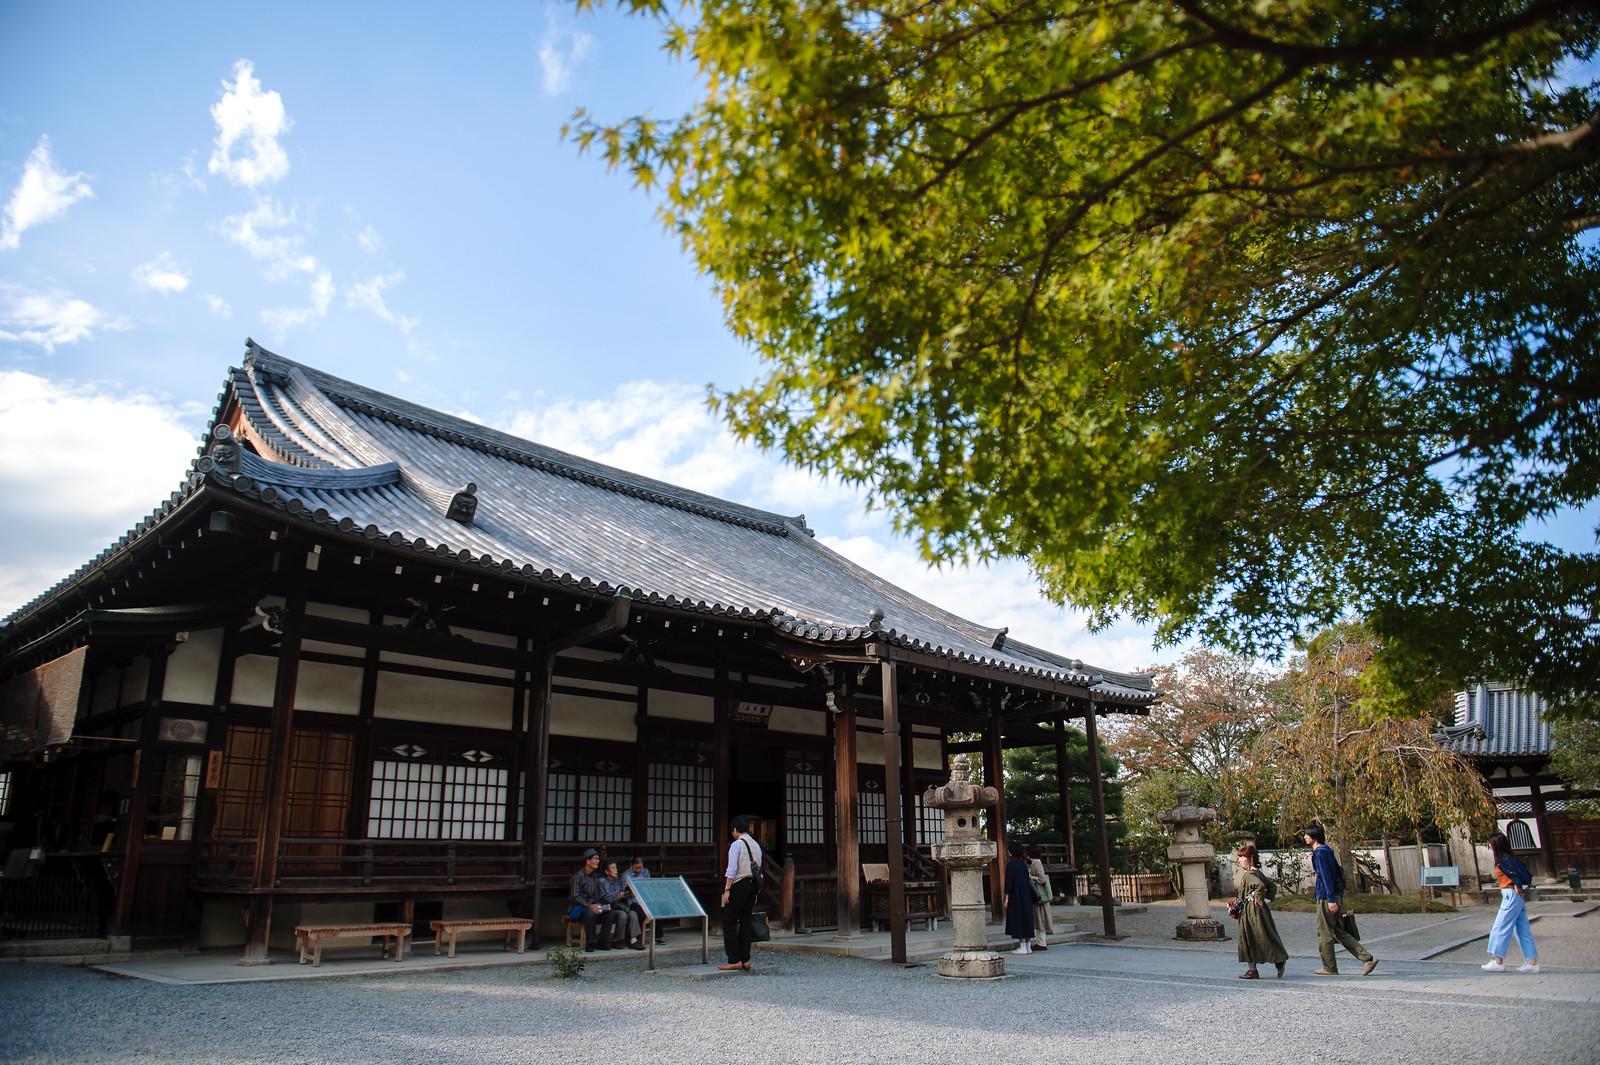 2015VQ@Kyoto-266